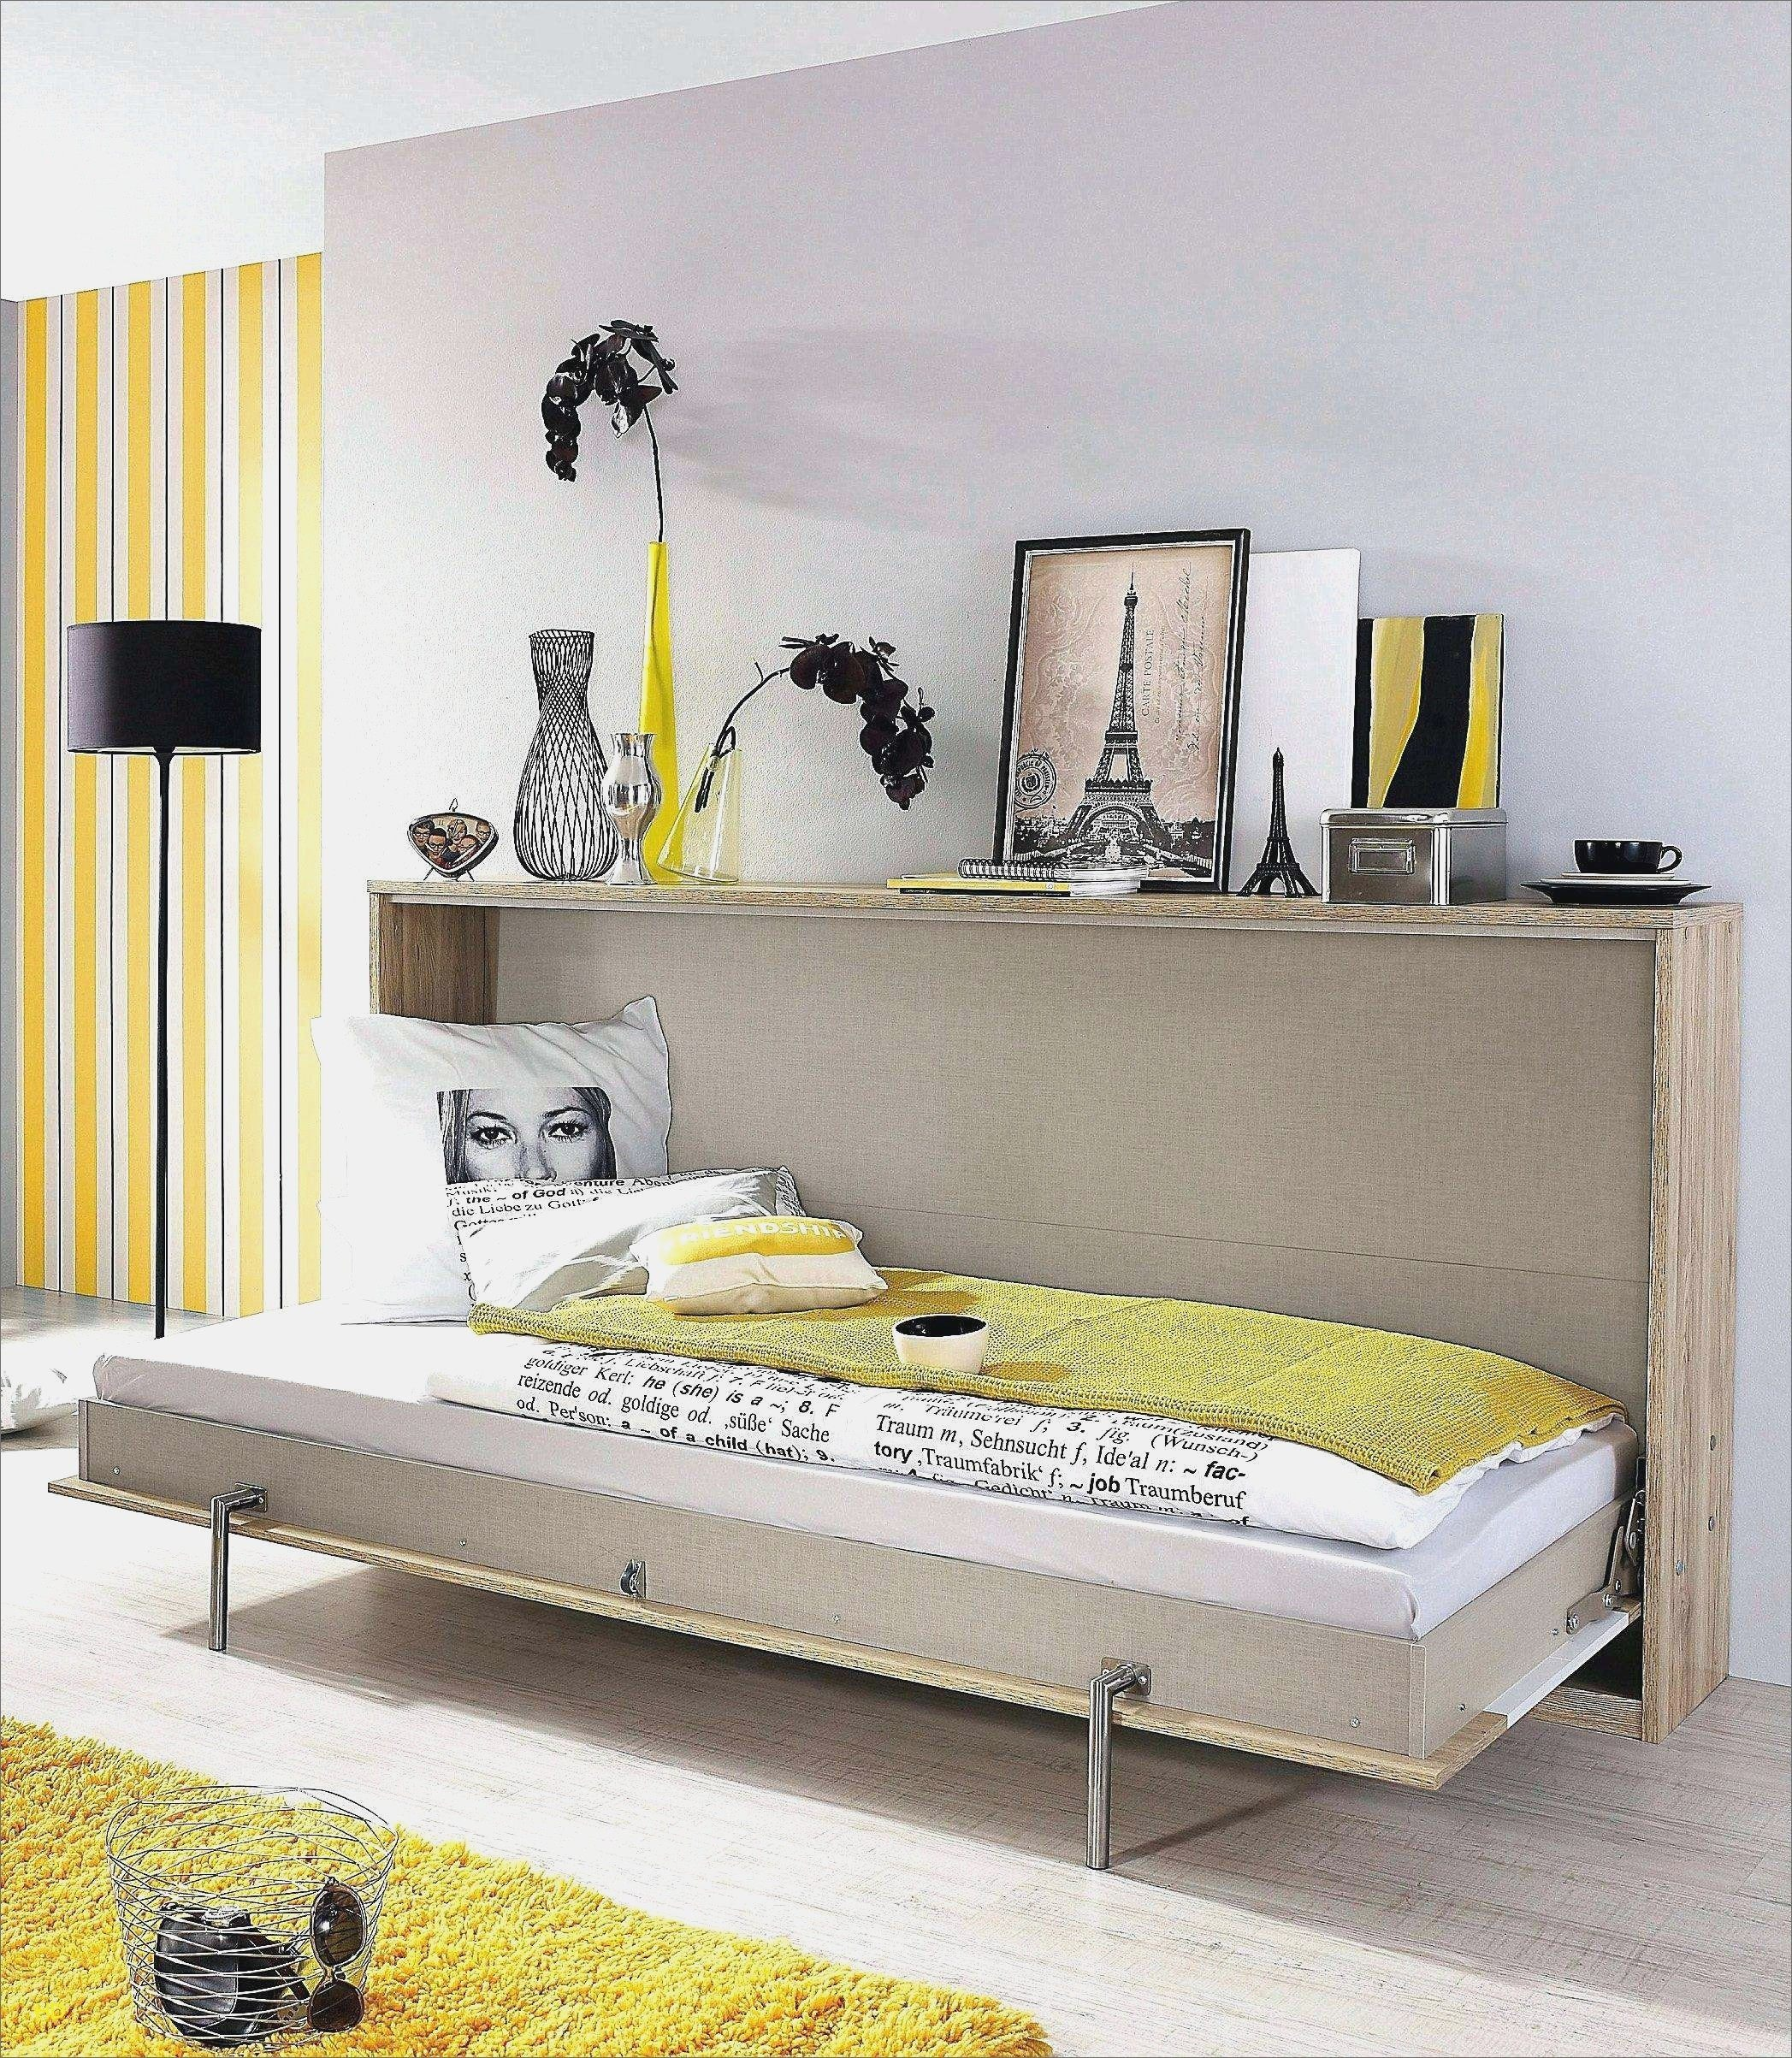 Lit Pas Cher 2 Places Génial Bz 1 Place Pas Cher Luxe Lit Convertible 2 Places Ikea Ikea Lit